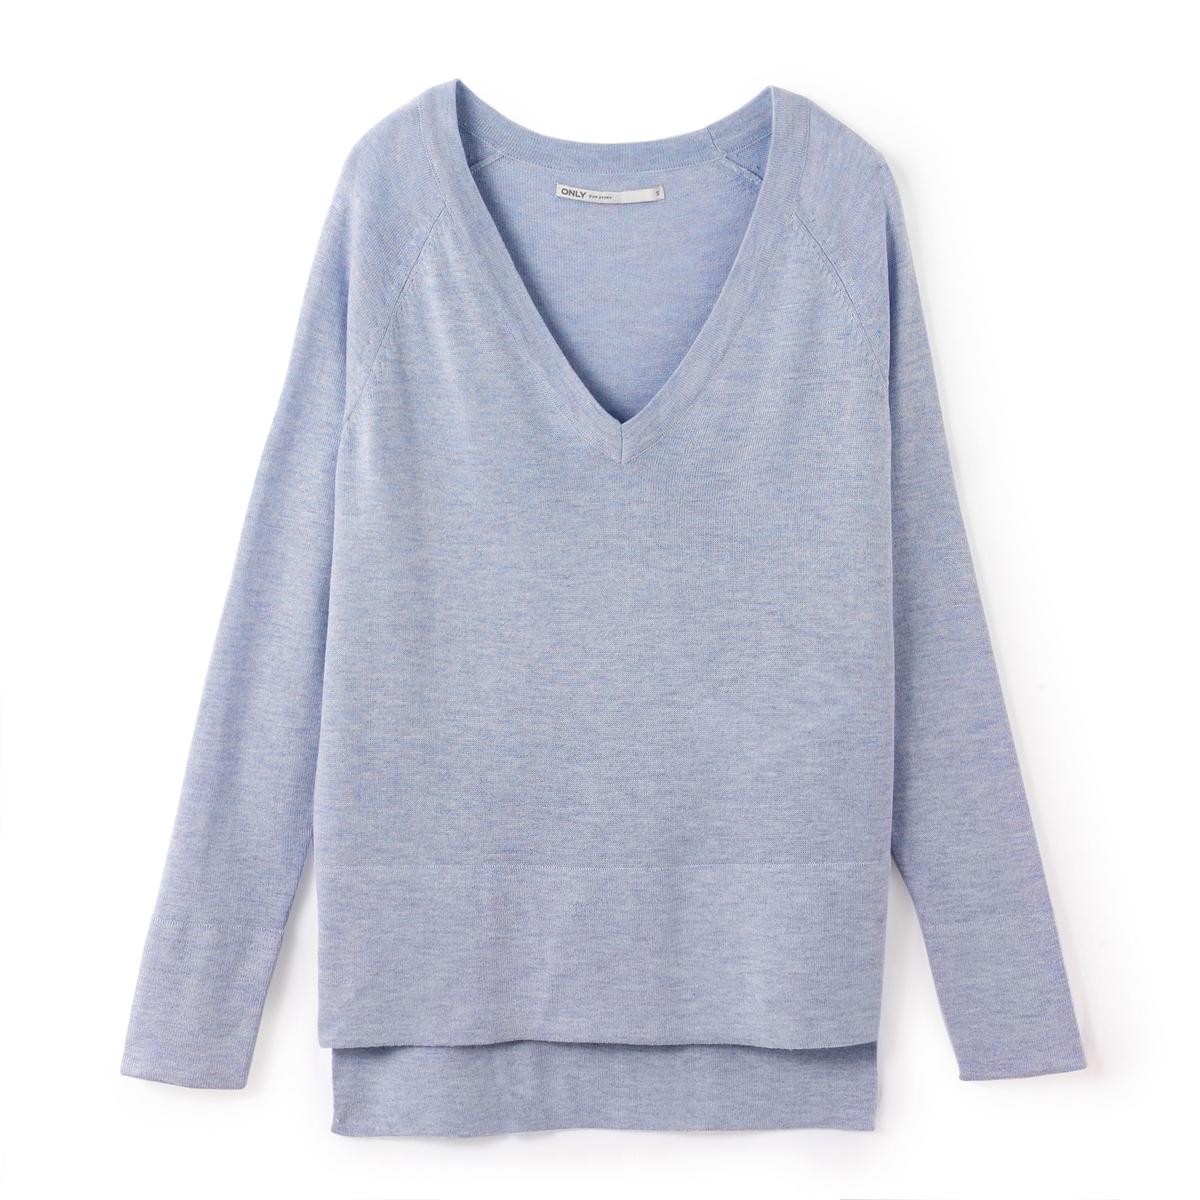 Пуловер объемный с длинными рукавамиМатериал : 35% вискозы, 15% полиамида, 50% полиэстера Длина рукава : длинные рукава  Форма воротника : V-образный вырез  Покрой пуловера : стандартная  Рисунок : однотонная модель<br><br>Цвет: небесно-голубой,розовый<br>Размер: S